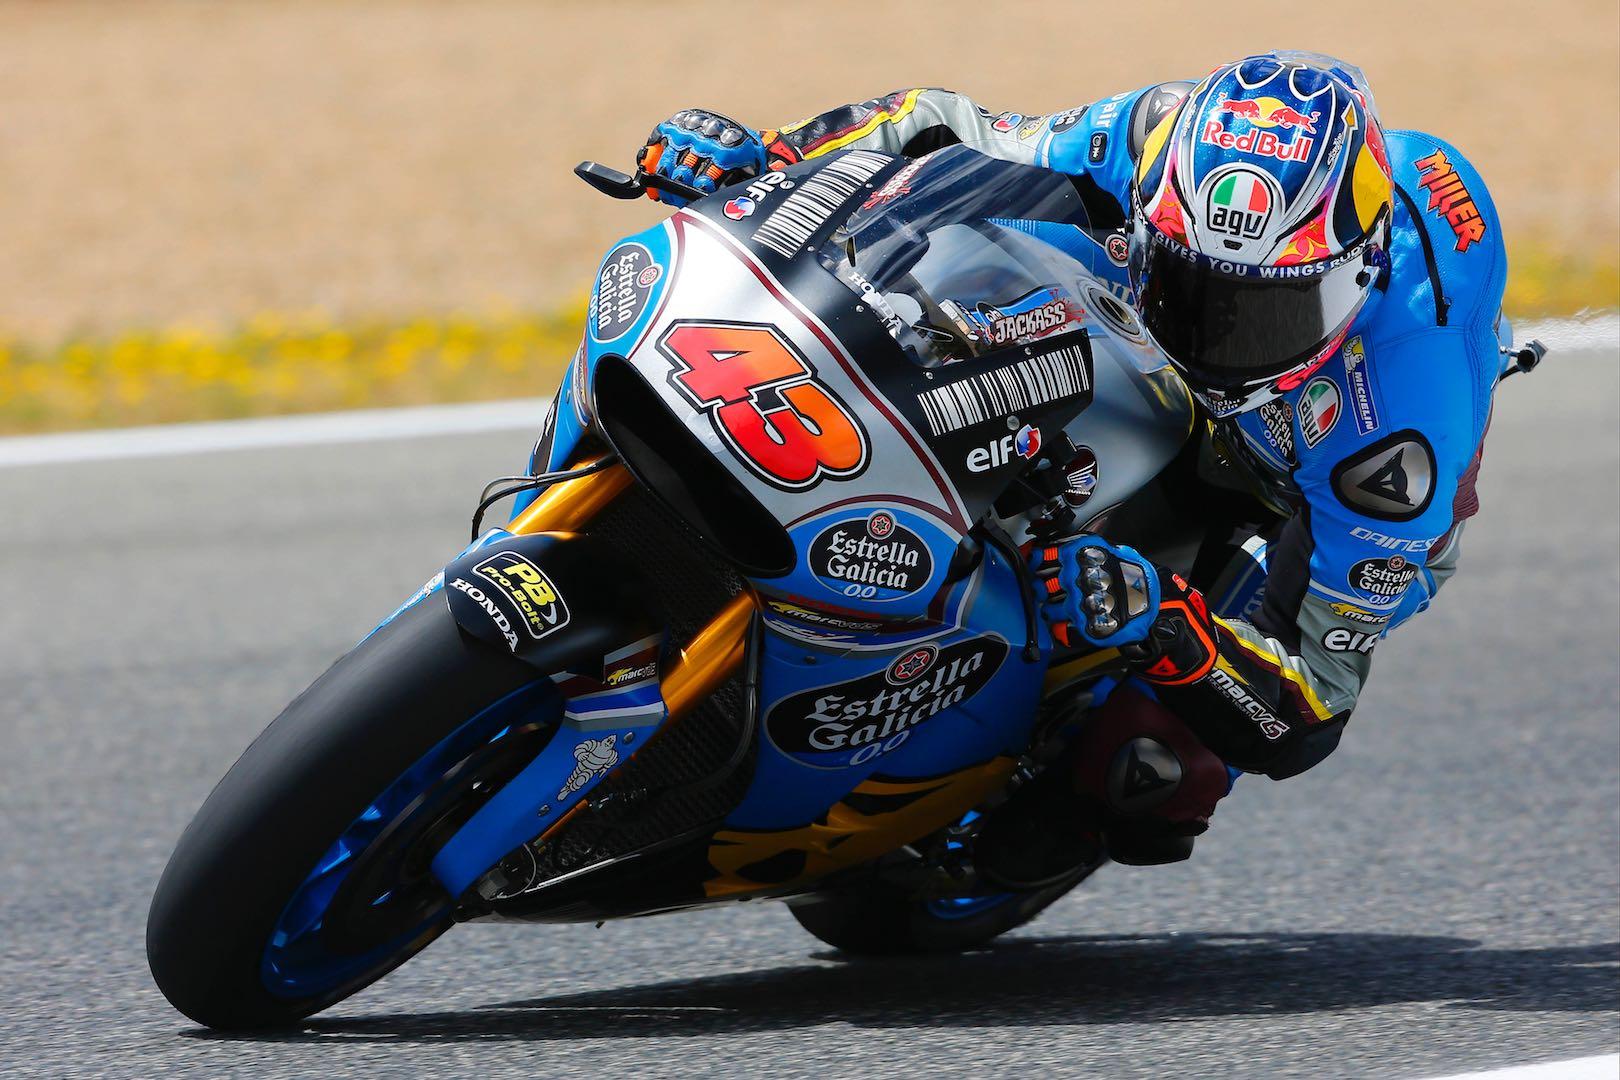 a035b211162 Jack Miller Breaks Right Leg  Will Miss Motegi MotoGP